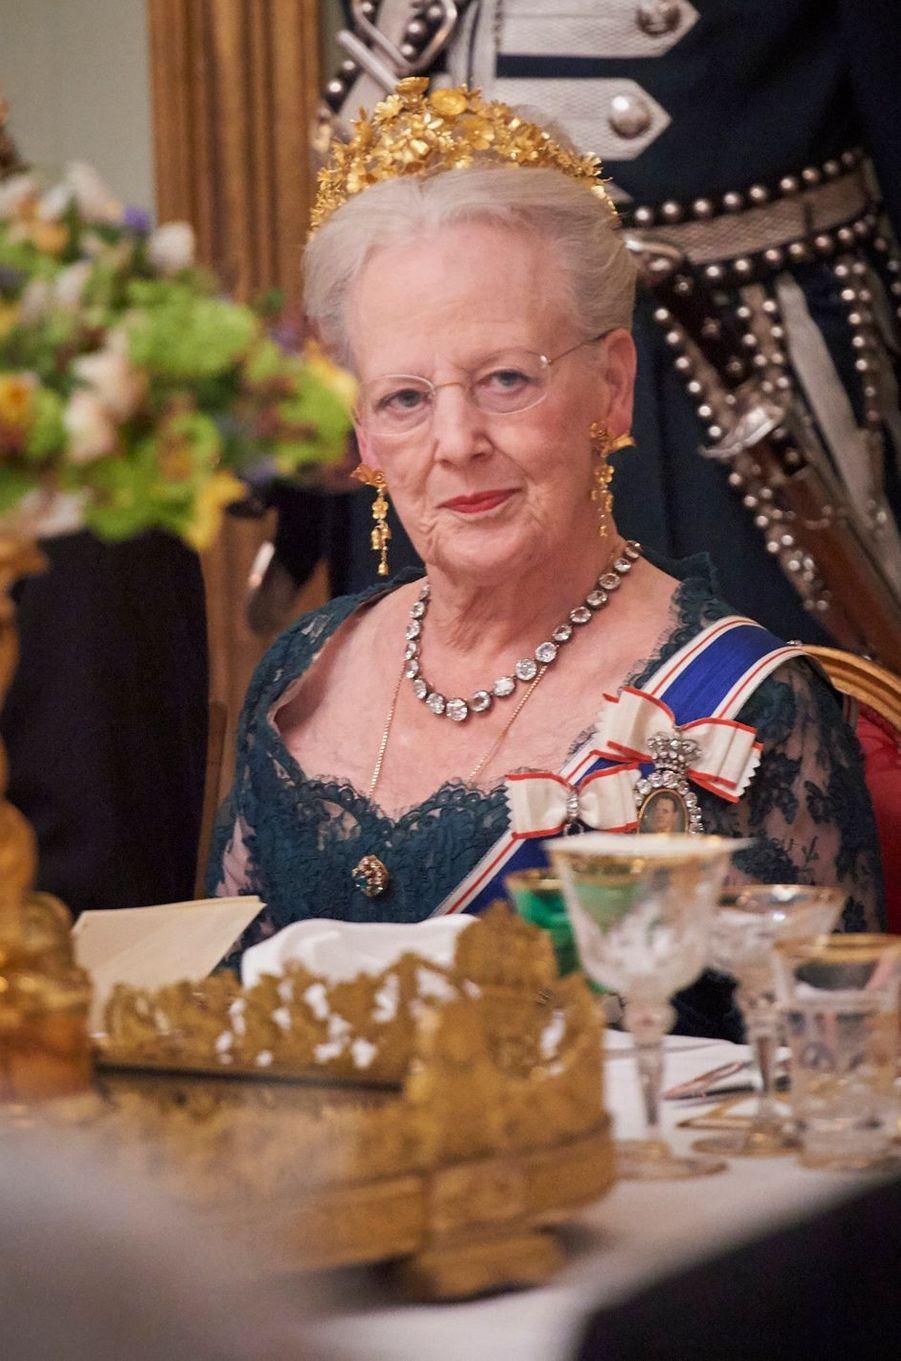 La reine Margrethe II de Danemark au Palais d'Amalienborg à Copenhague, le 24 janvier 2017